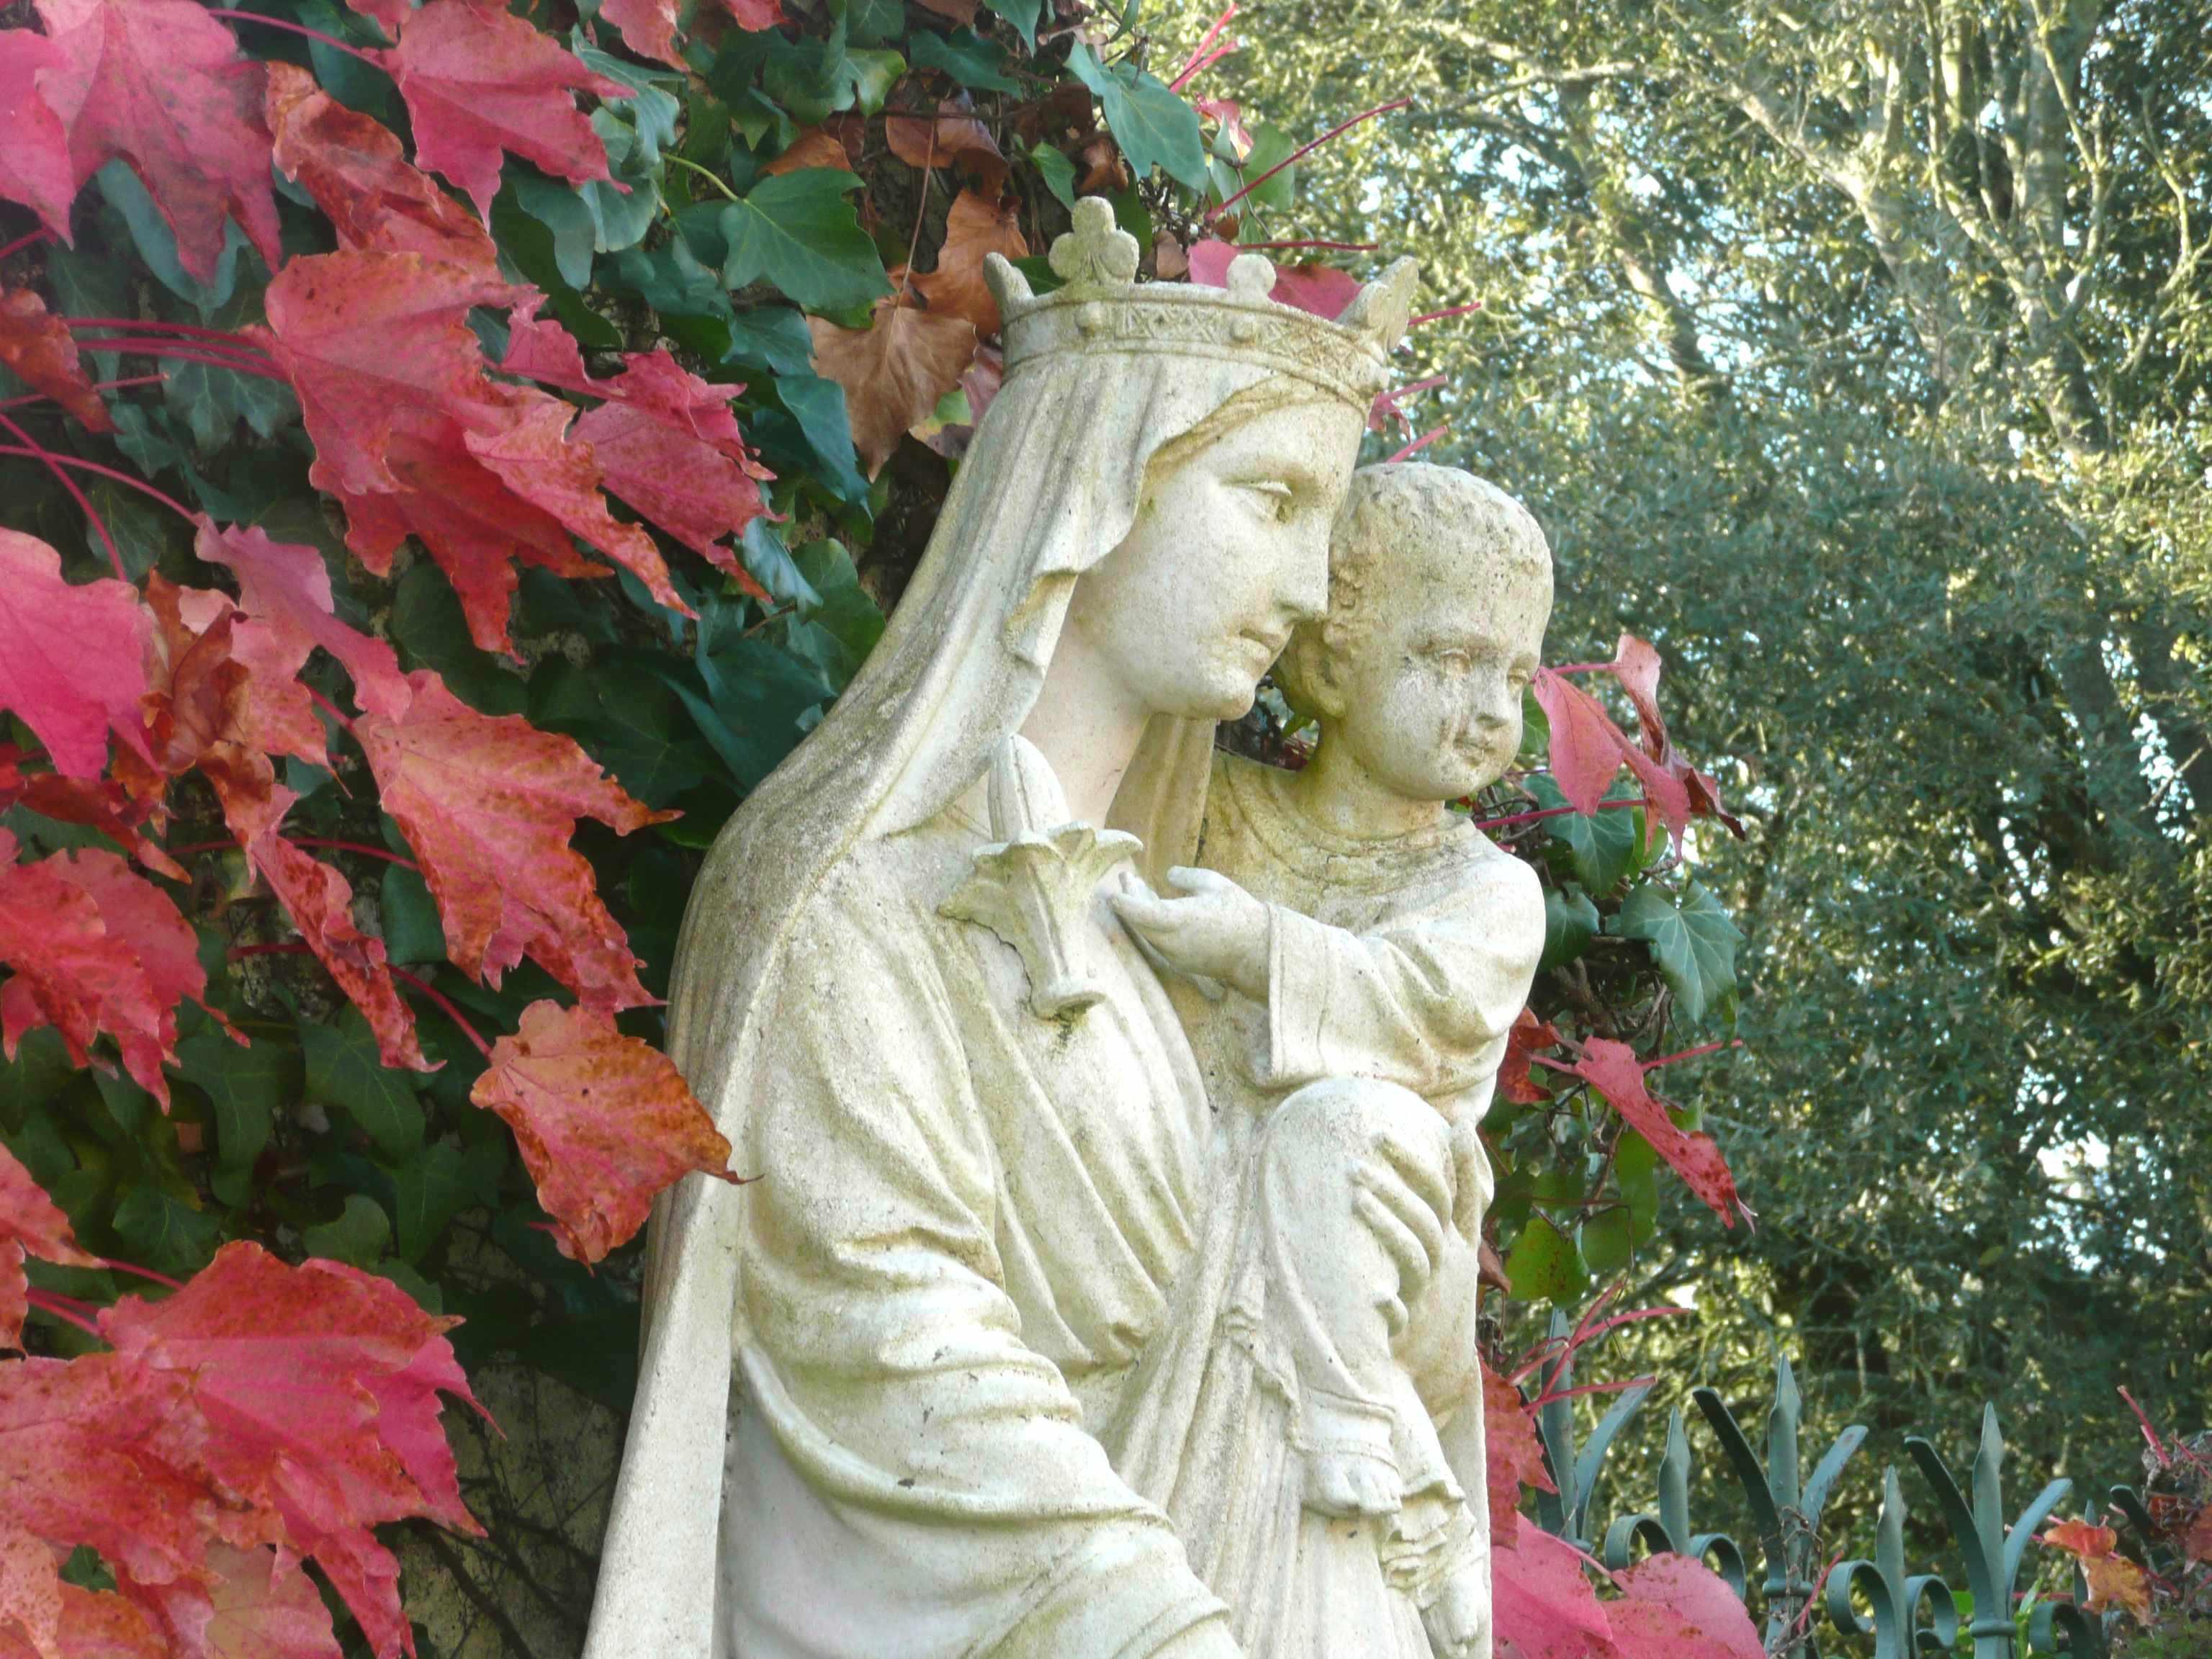 Statue vierge tt talmont gp profil 10 2011 for Statue vierge marie pour exterieur